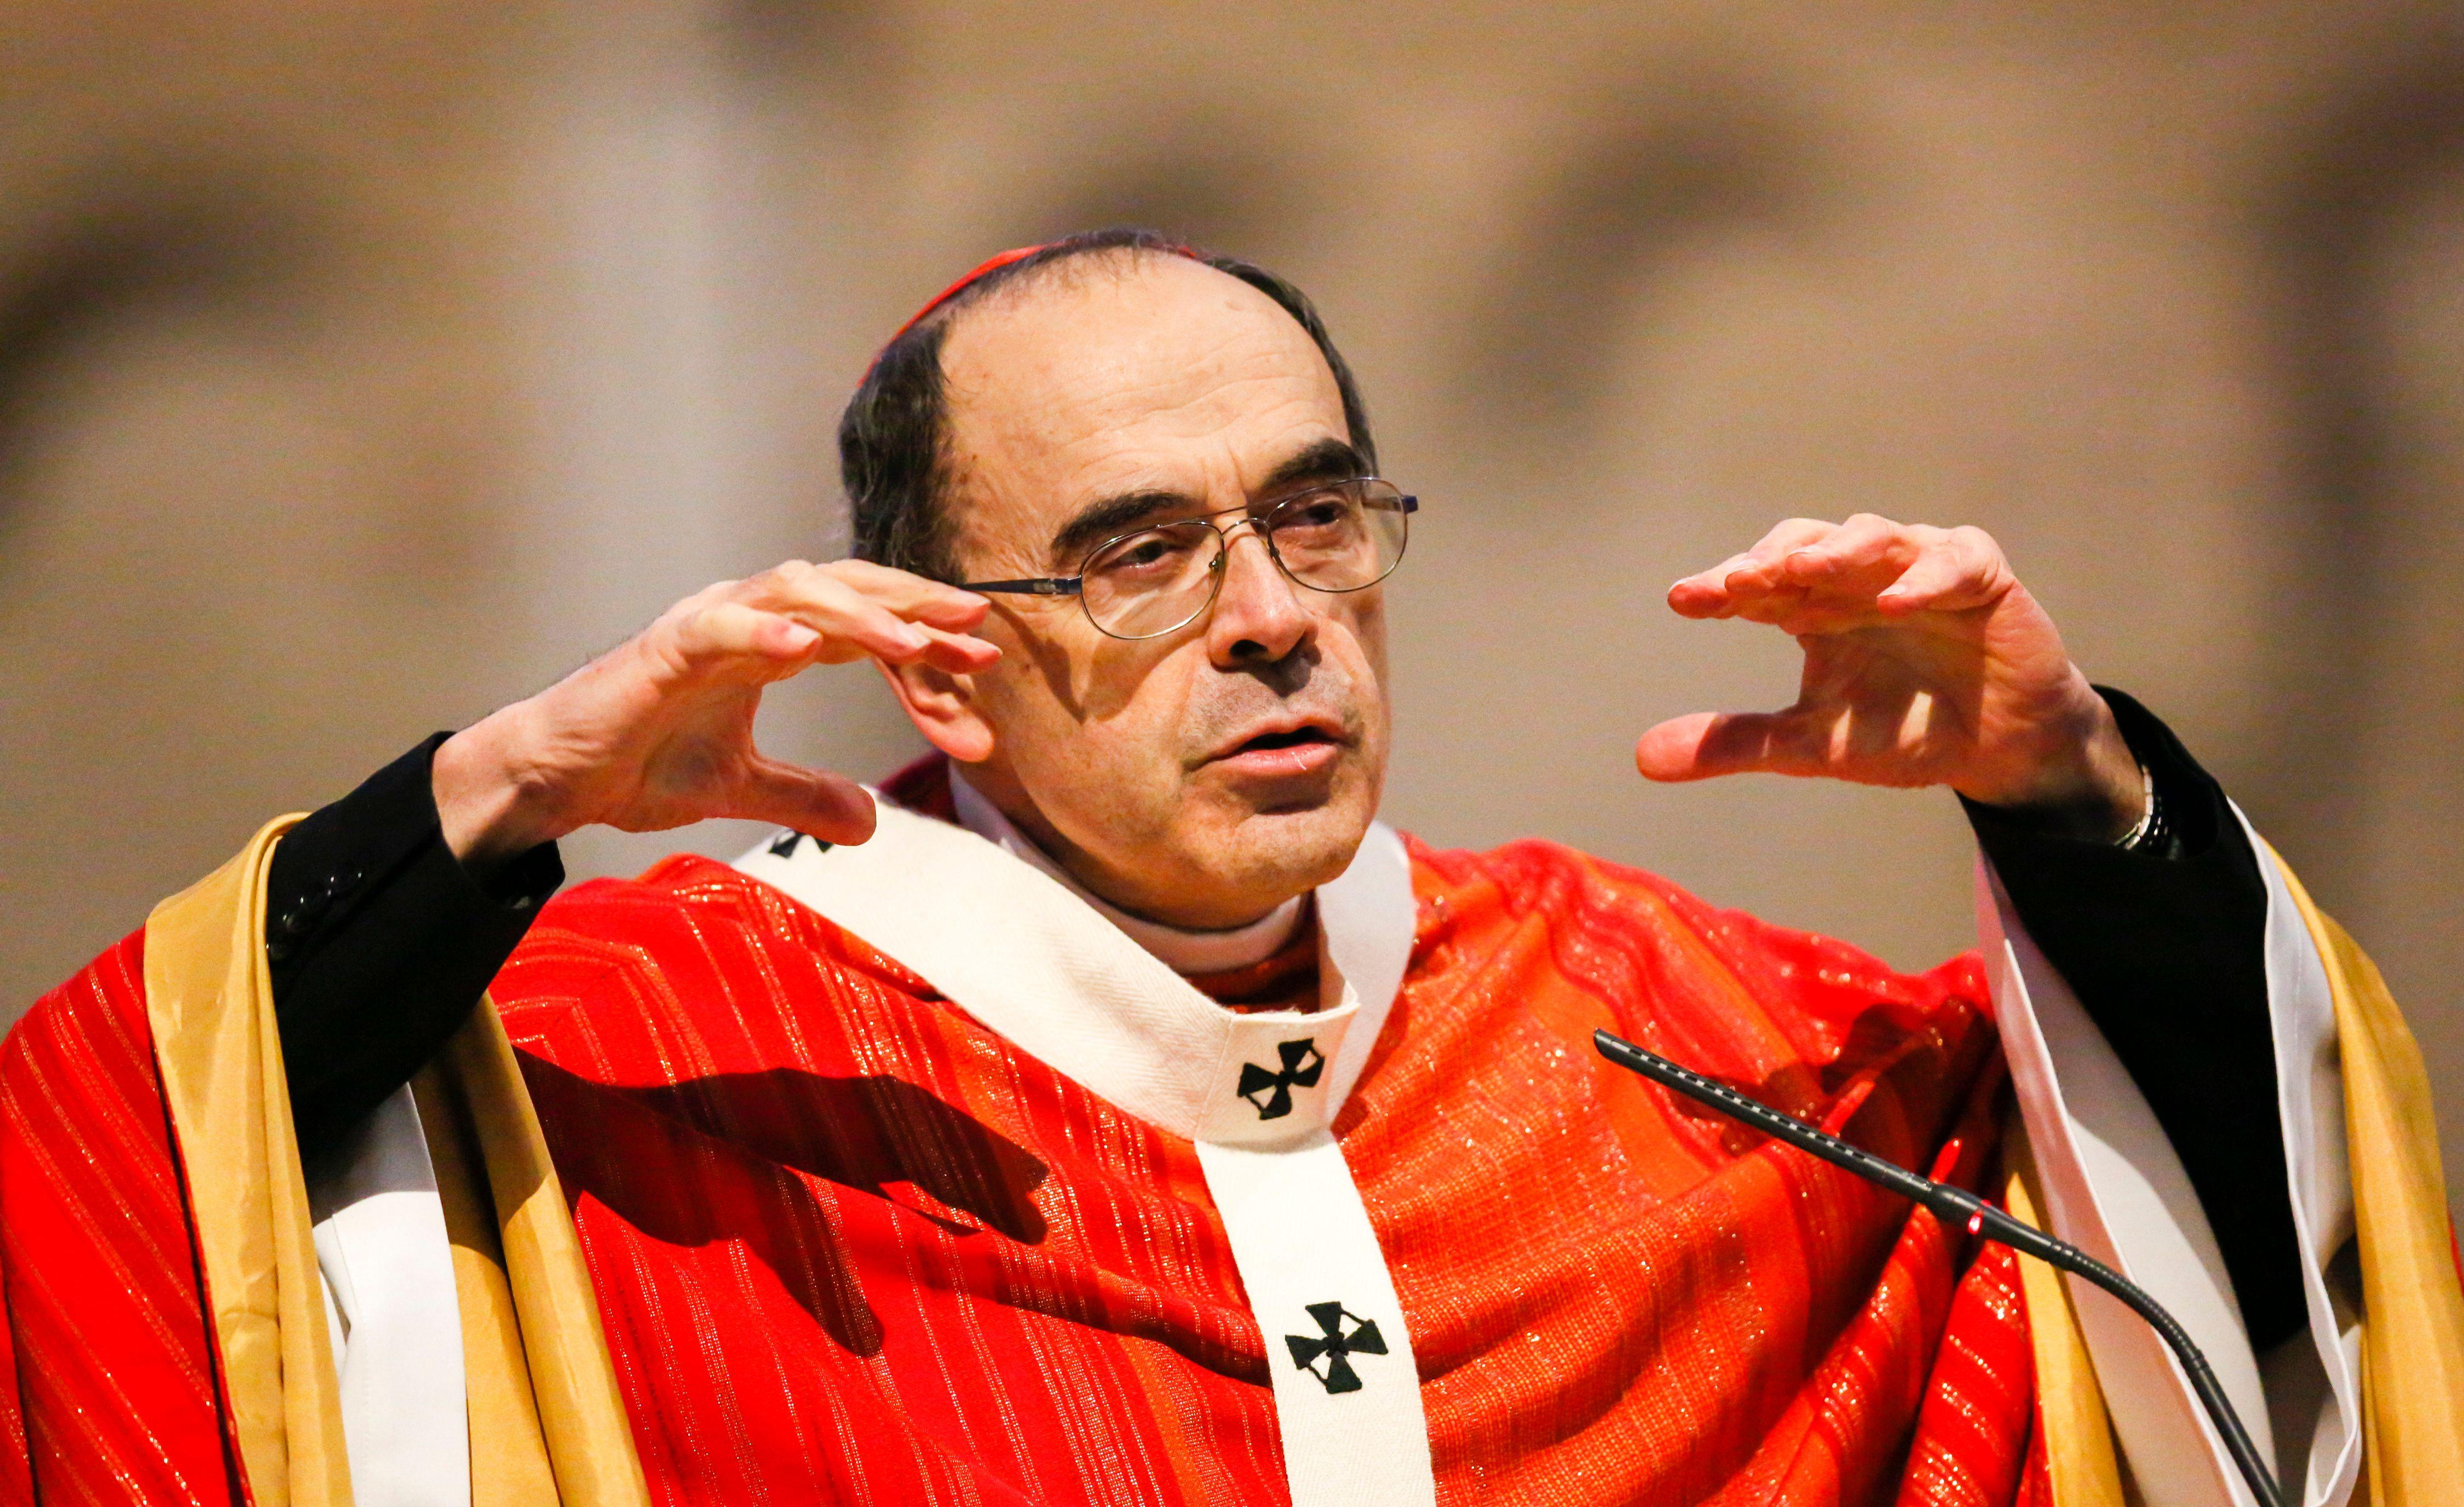 L'archevêque Philippe Barbarin à la messe du Vendredi Saint en la cathédrale Saint Jean de Lyon le 25 mars 2016